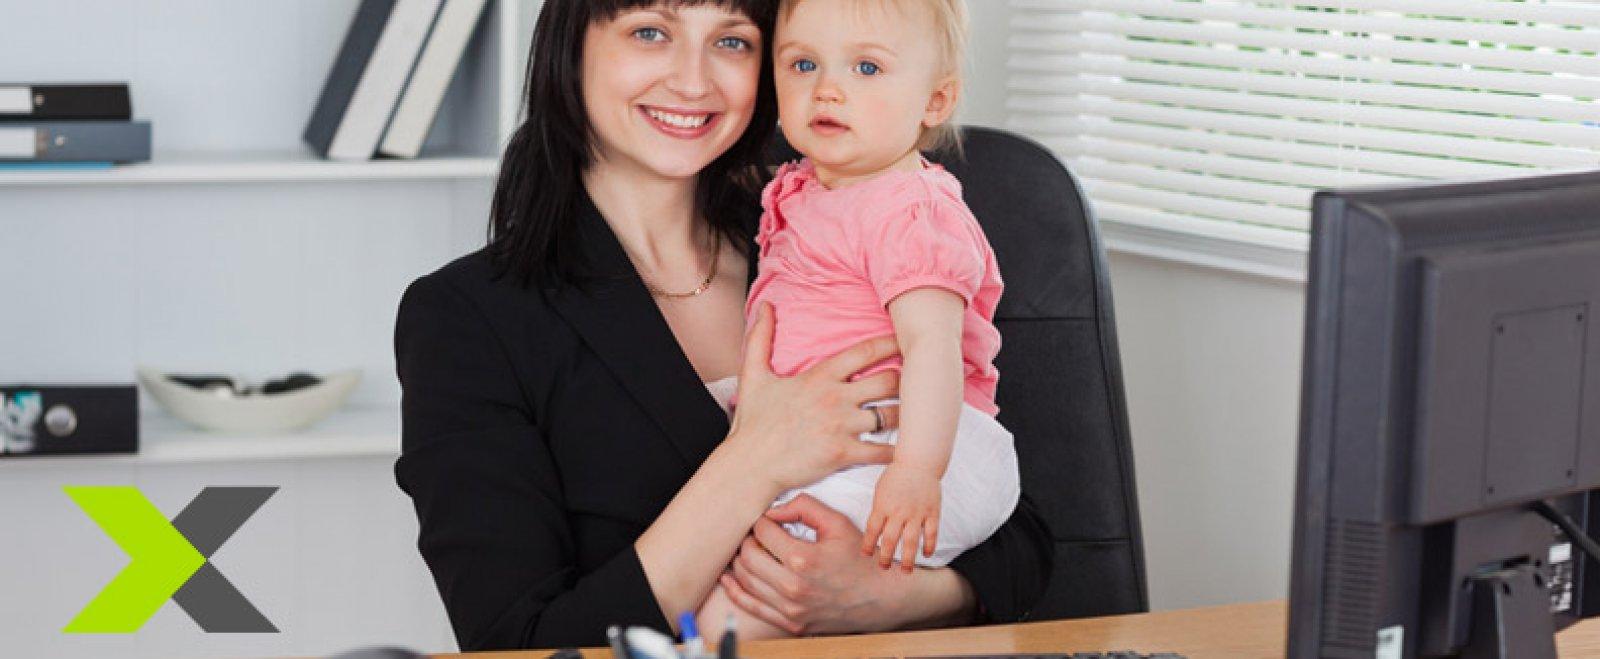 Neue Serie im Blog: Familie und Beruf